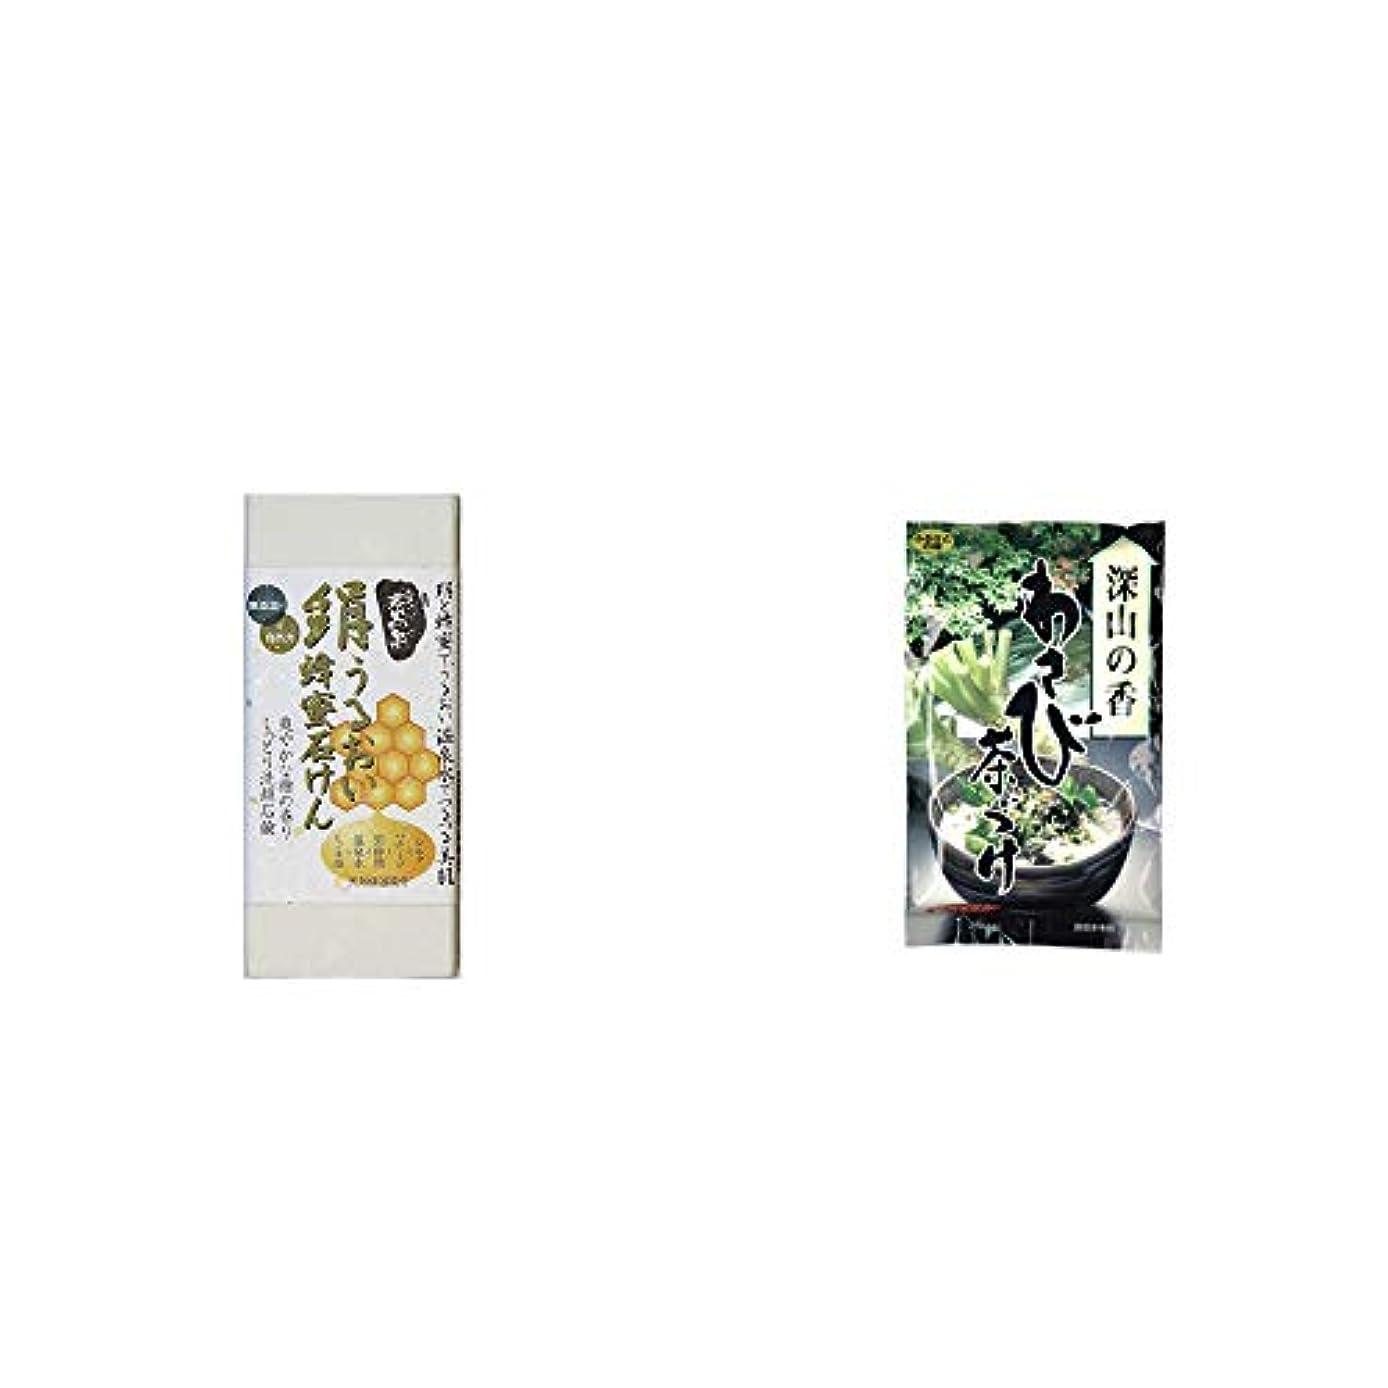 緊張するカーフ起訴する[2点セット] ひのき炭黒泉 絹うるおい蜂蜜石けん(75g×2)?特選茶漬け 深山の香 わさび茶づけ(10袋入)